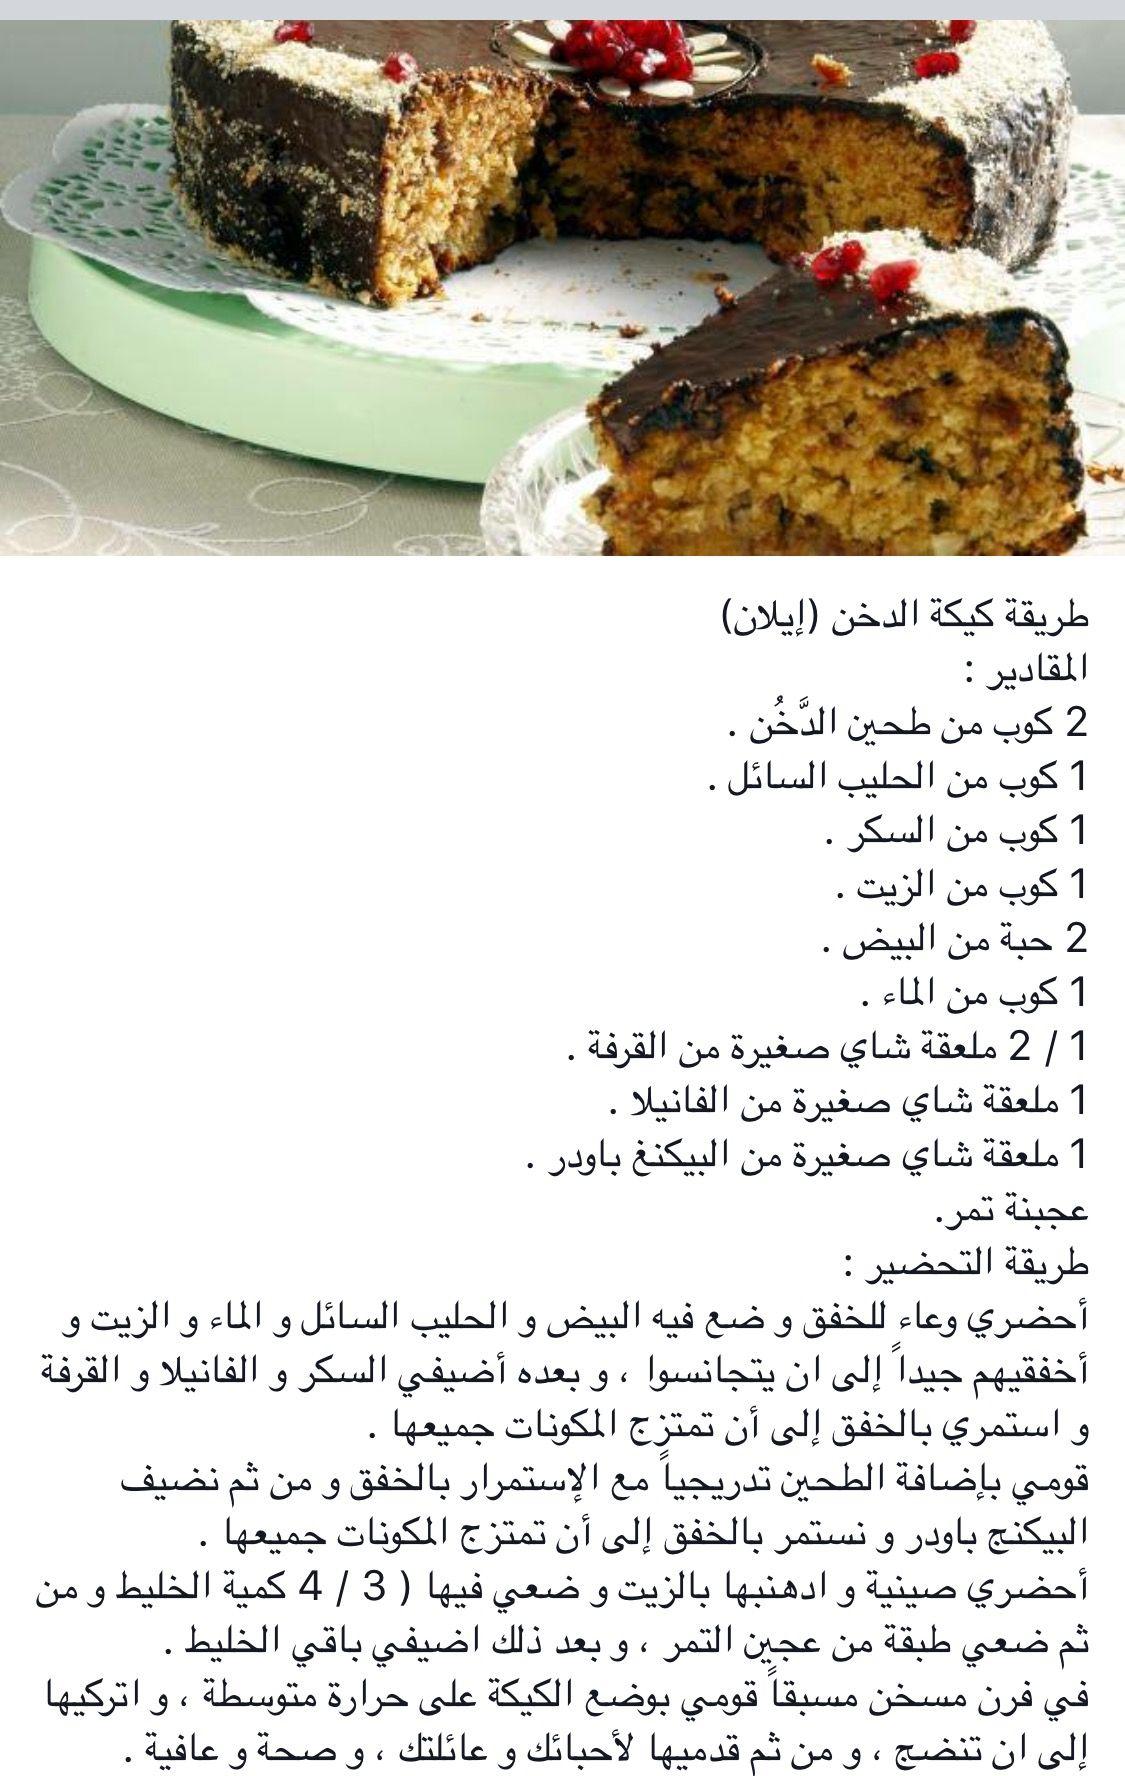 كيكة الدخن بالتمر Recipes Cooking Grain Foods